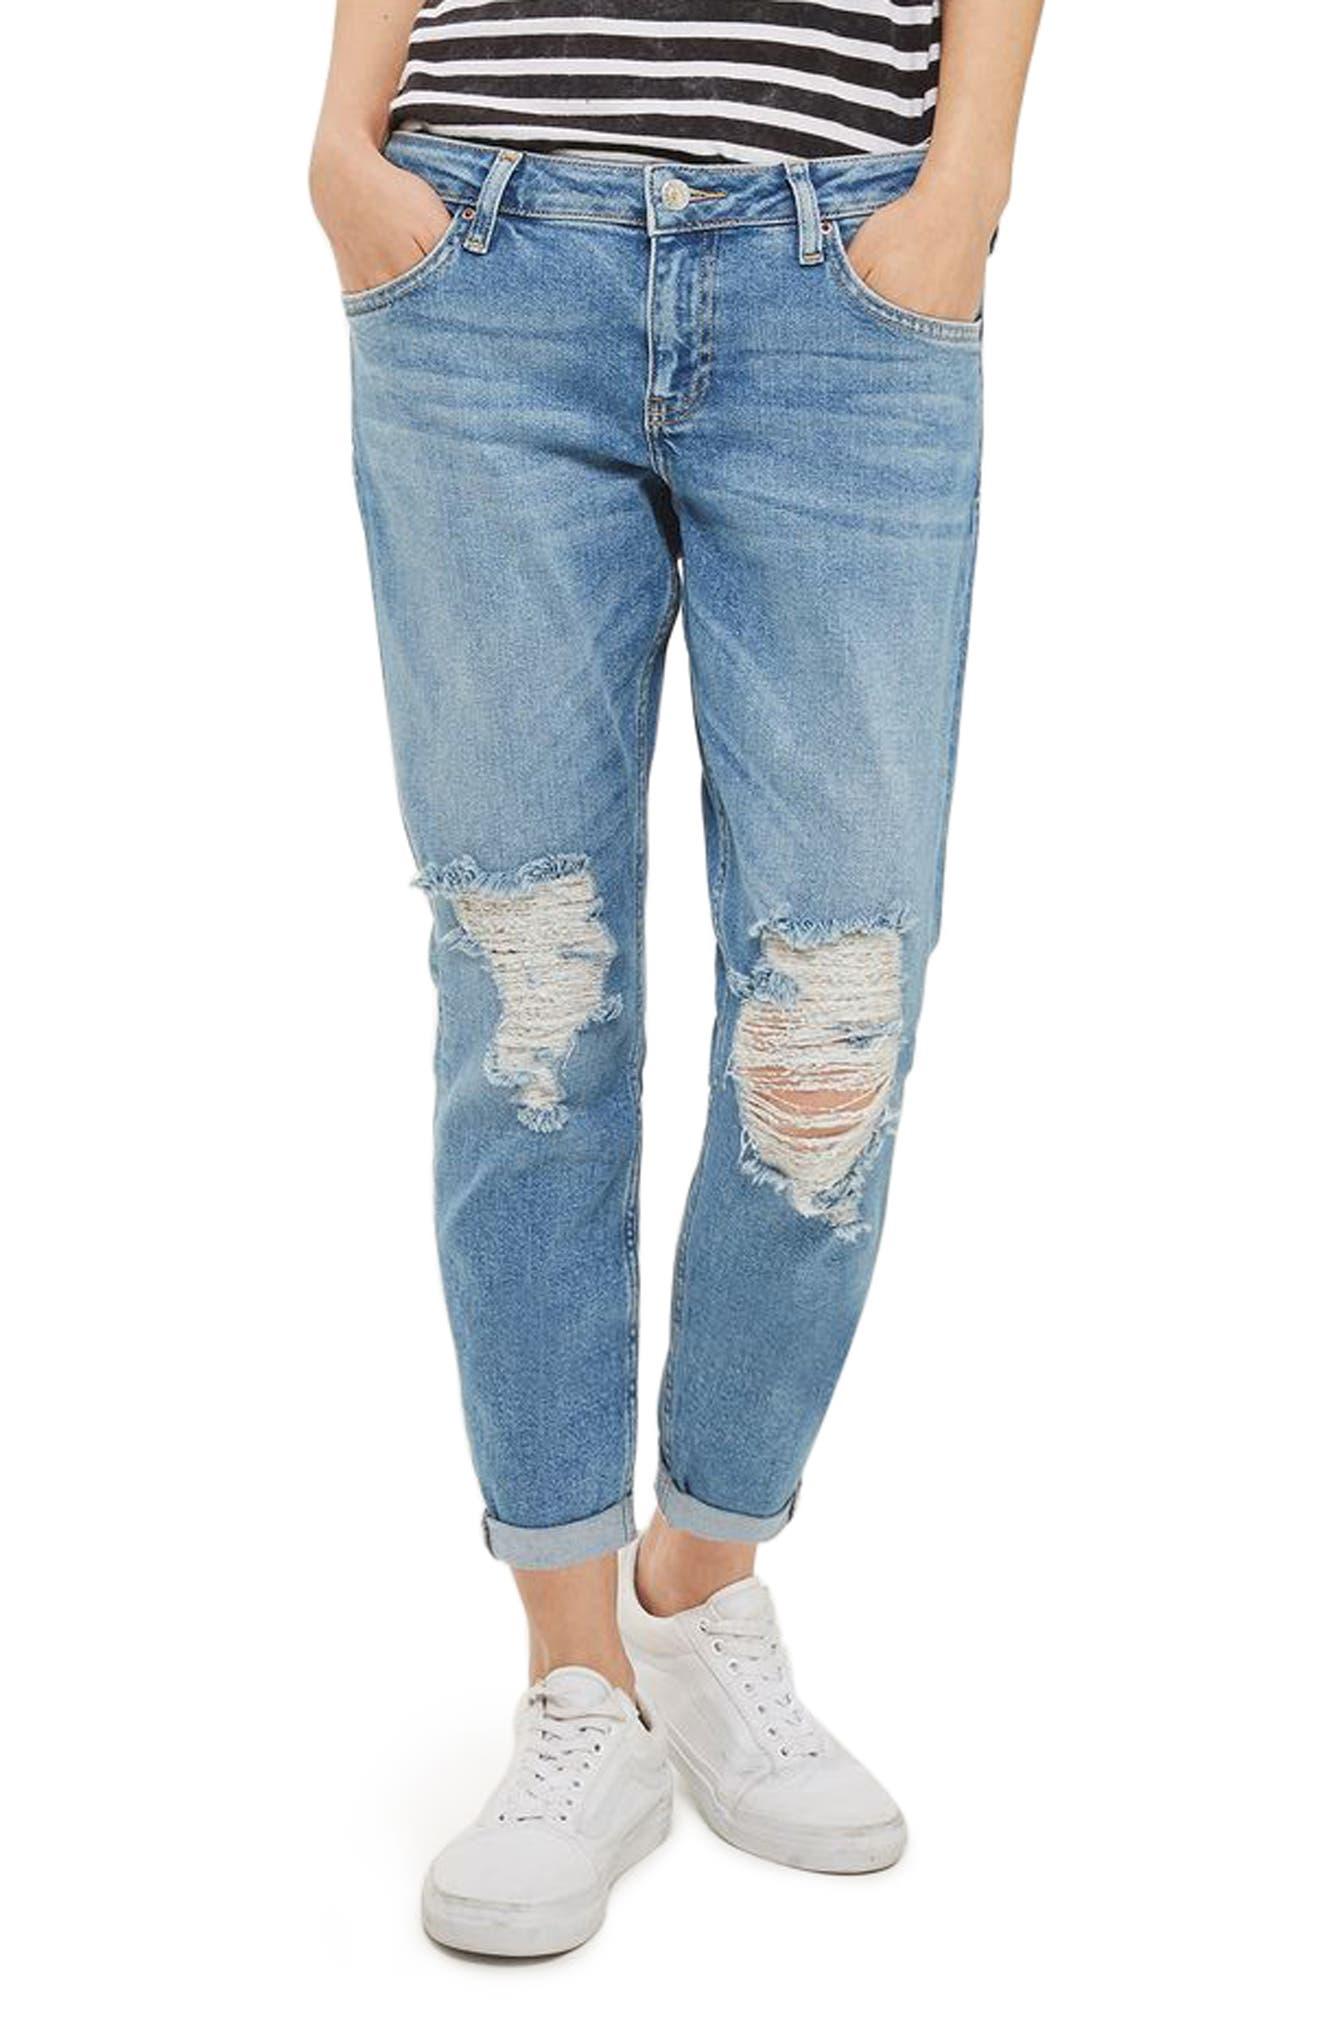 Topshop Lucas Rip Boyfriend Jeans (Petite)